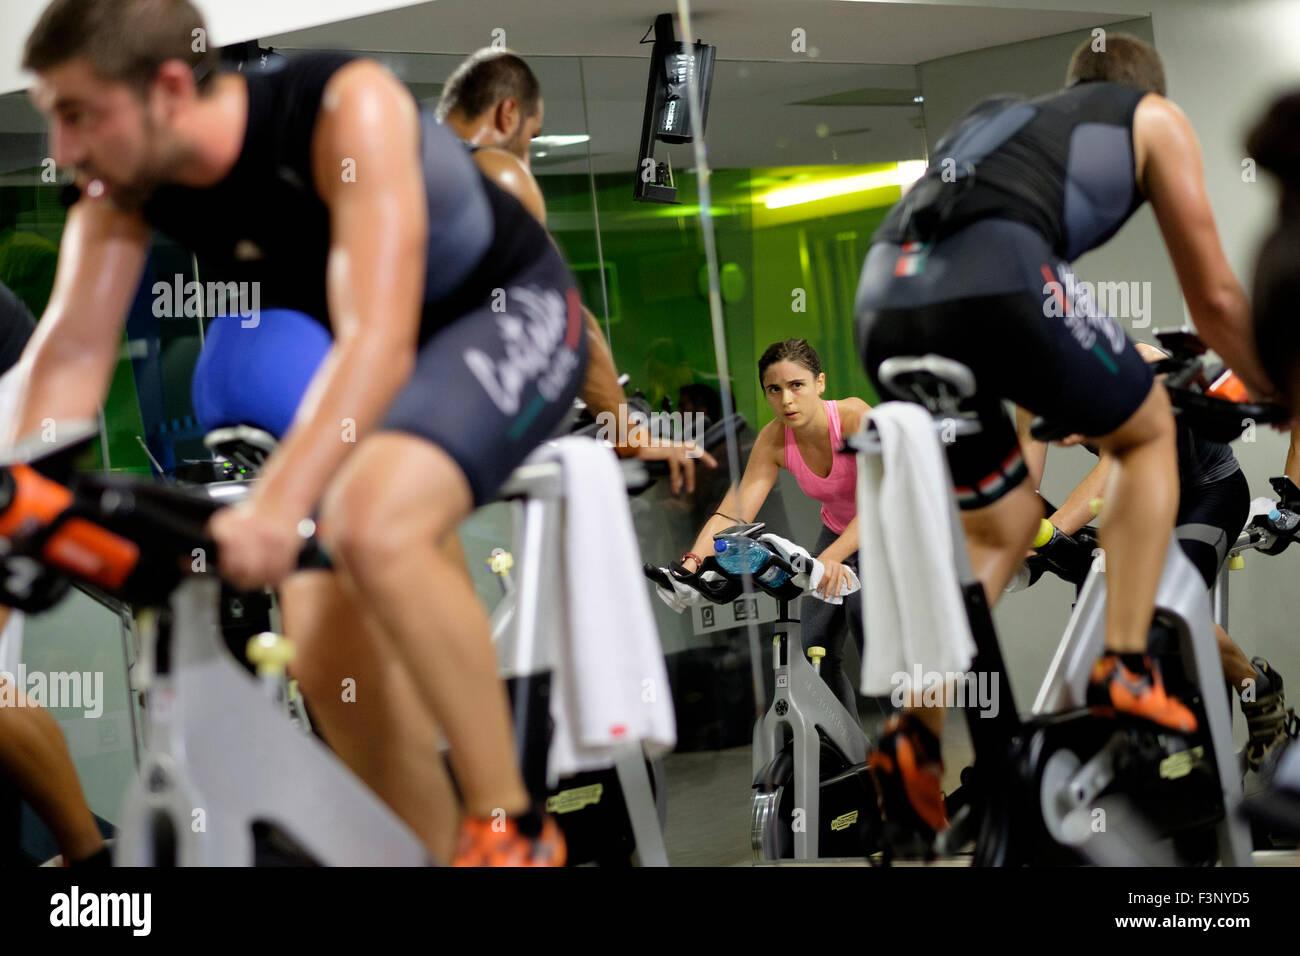 Jeune femme équitation vélo stationnaire pendant un cours de gym spinning Photo Stock